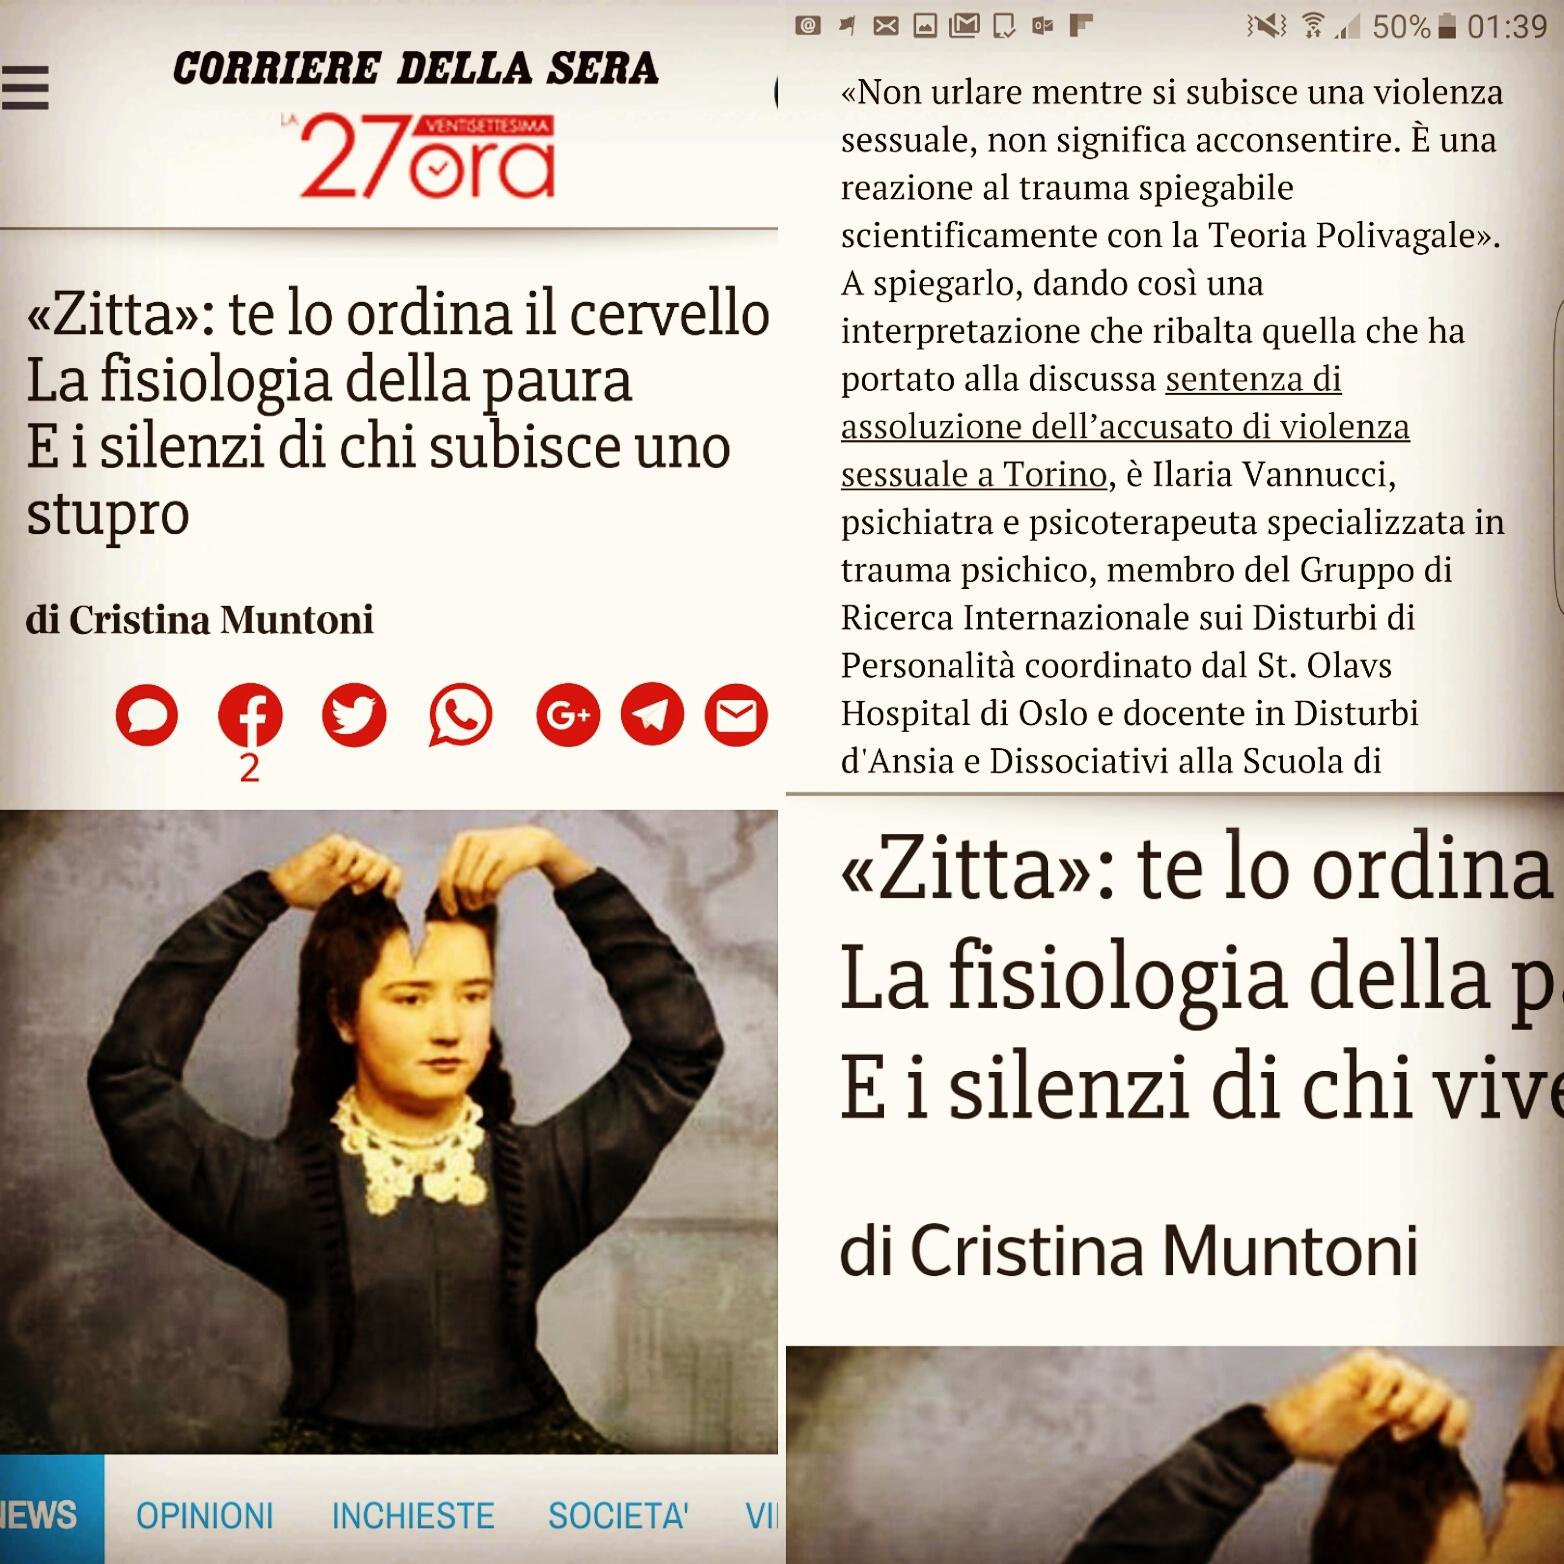 cristinamuntoni – Pagina 2 – Cristina Muntoni